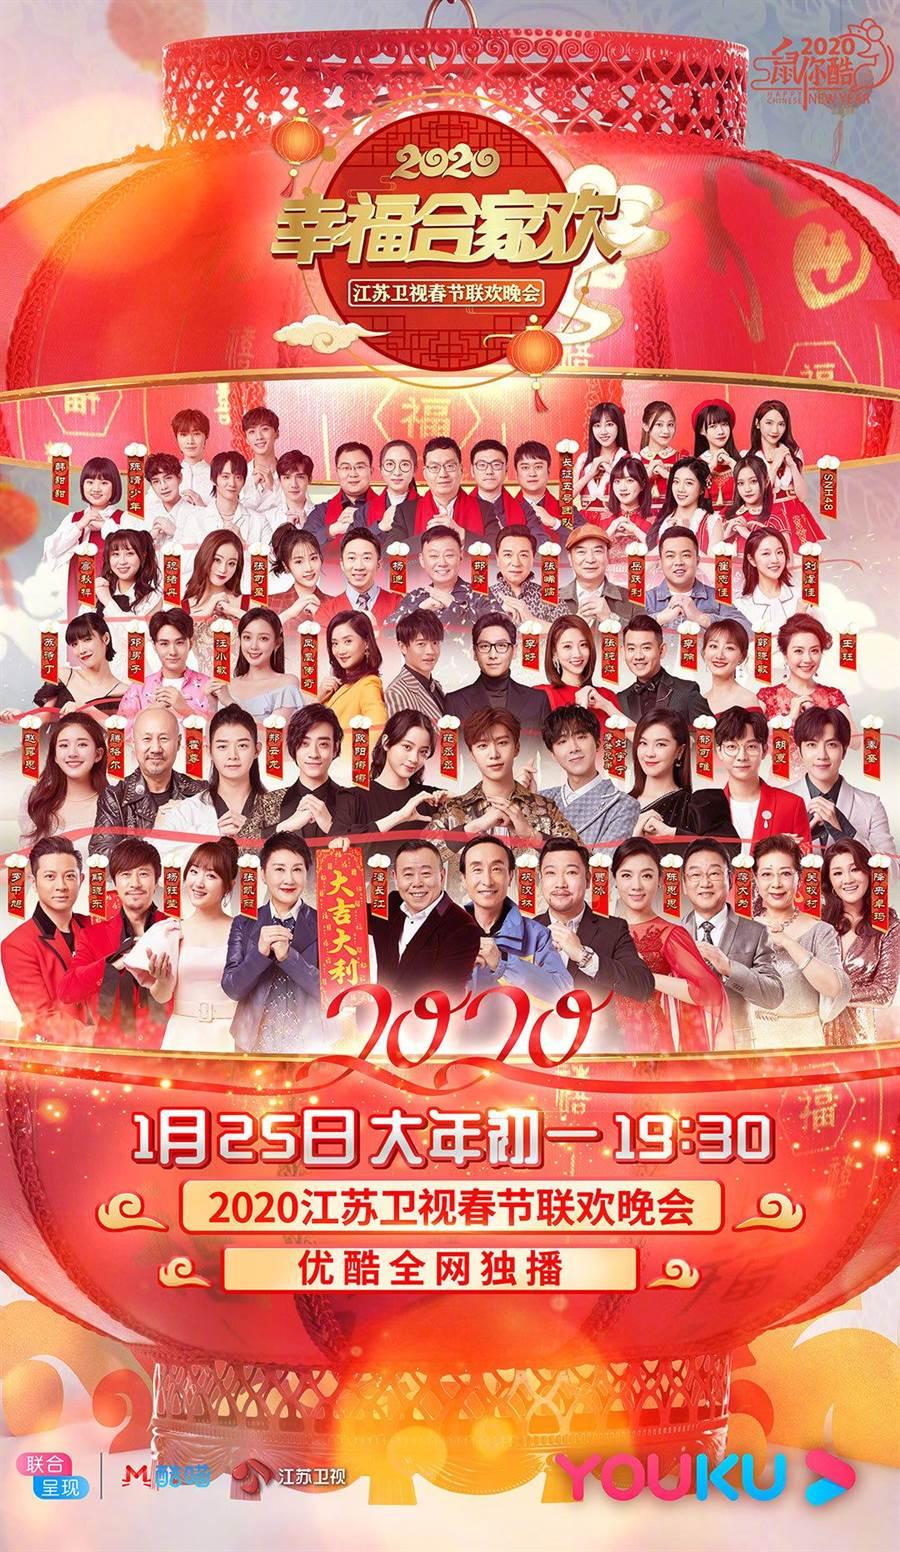 江蘇衛視春晚1月24日在優酷播出。(取自新浪微博@優酷)